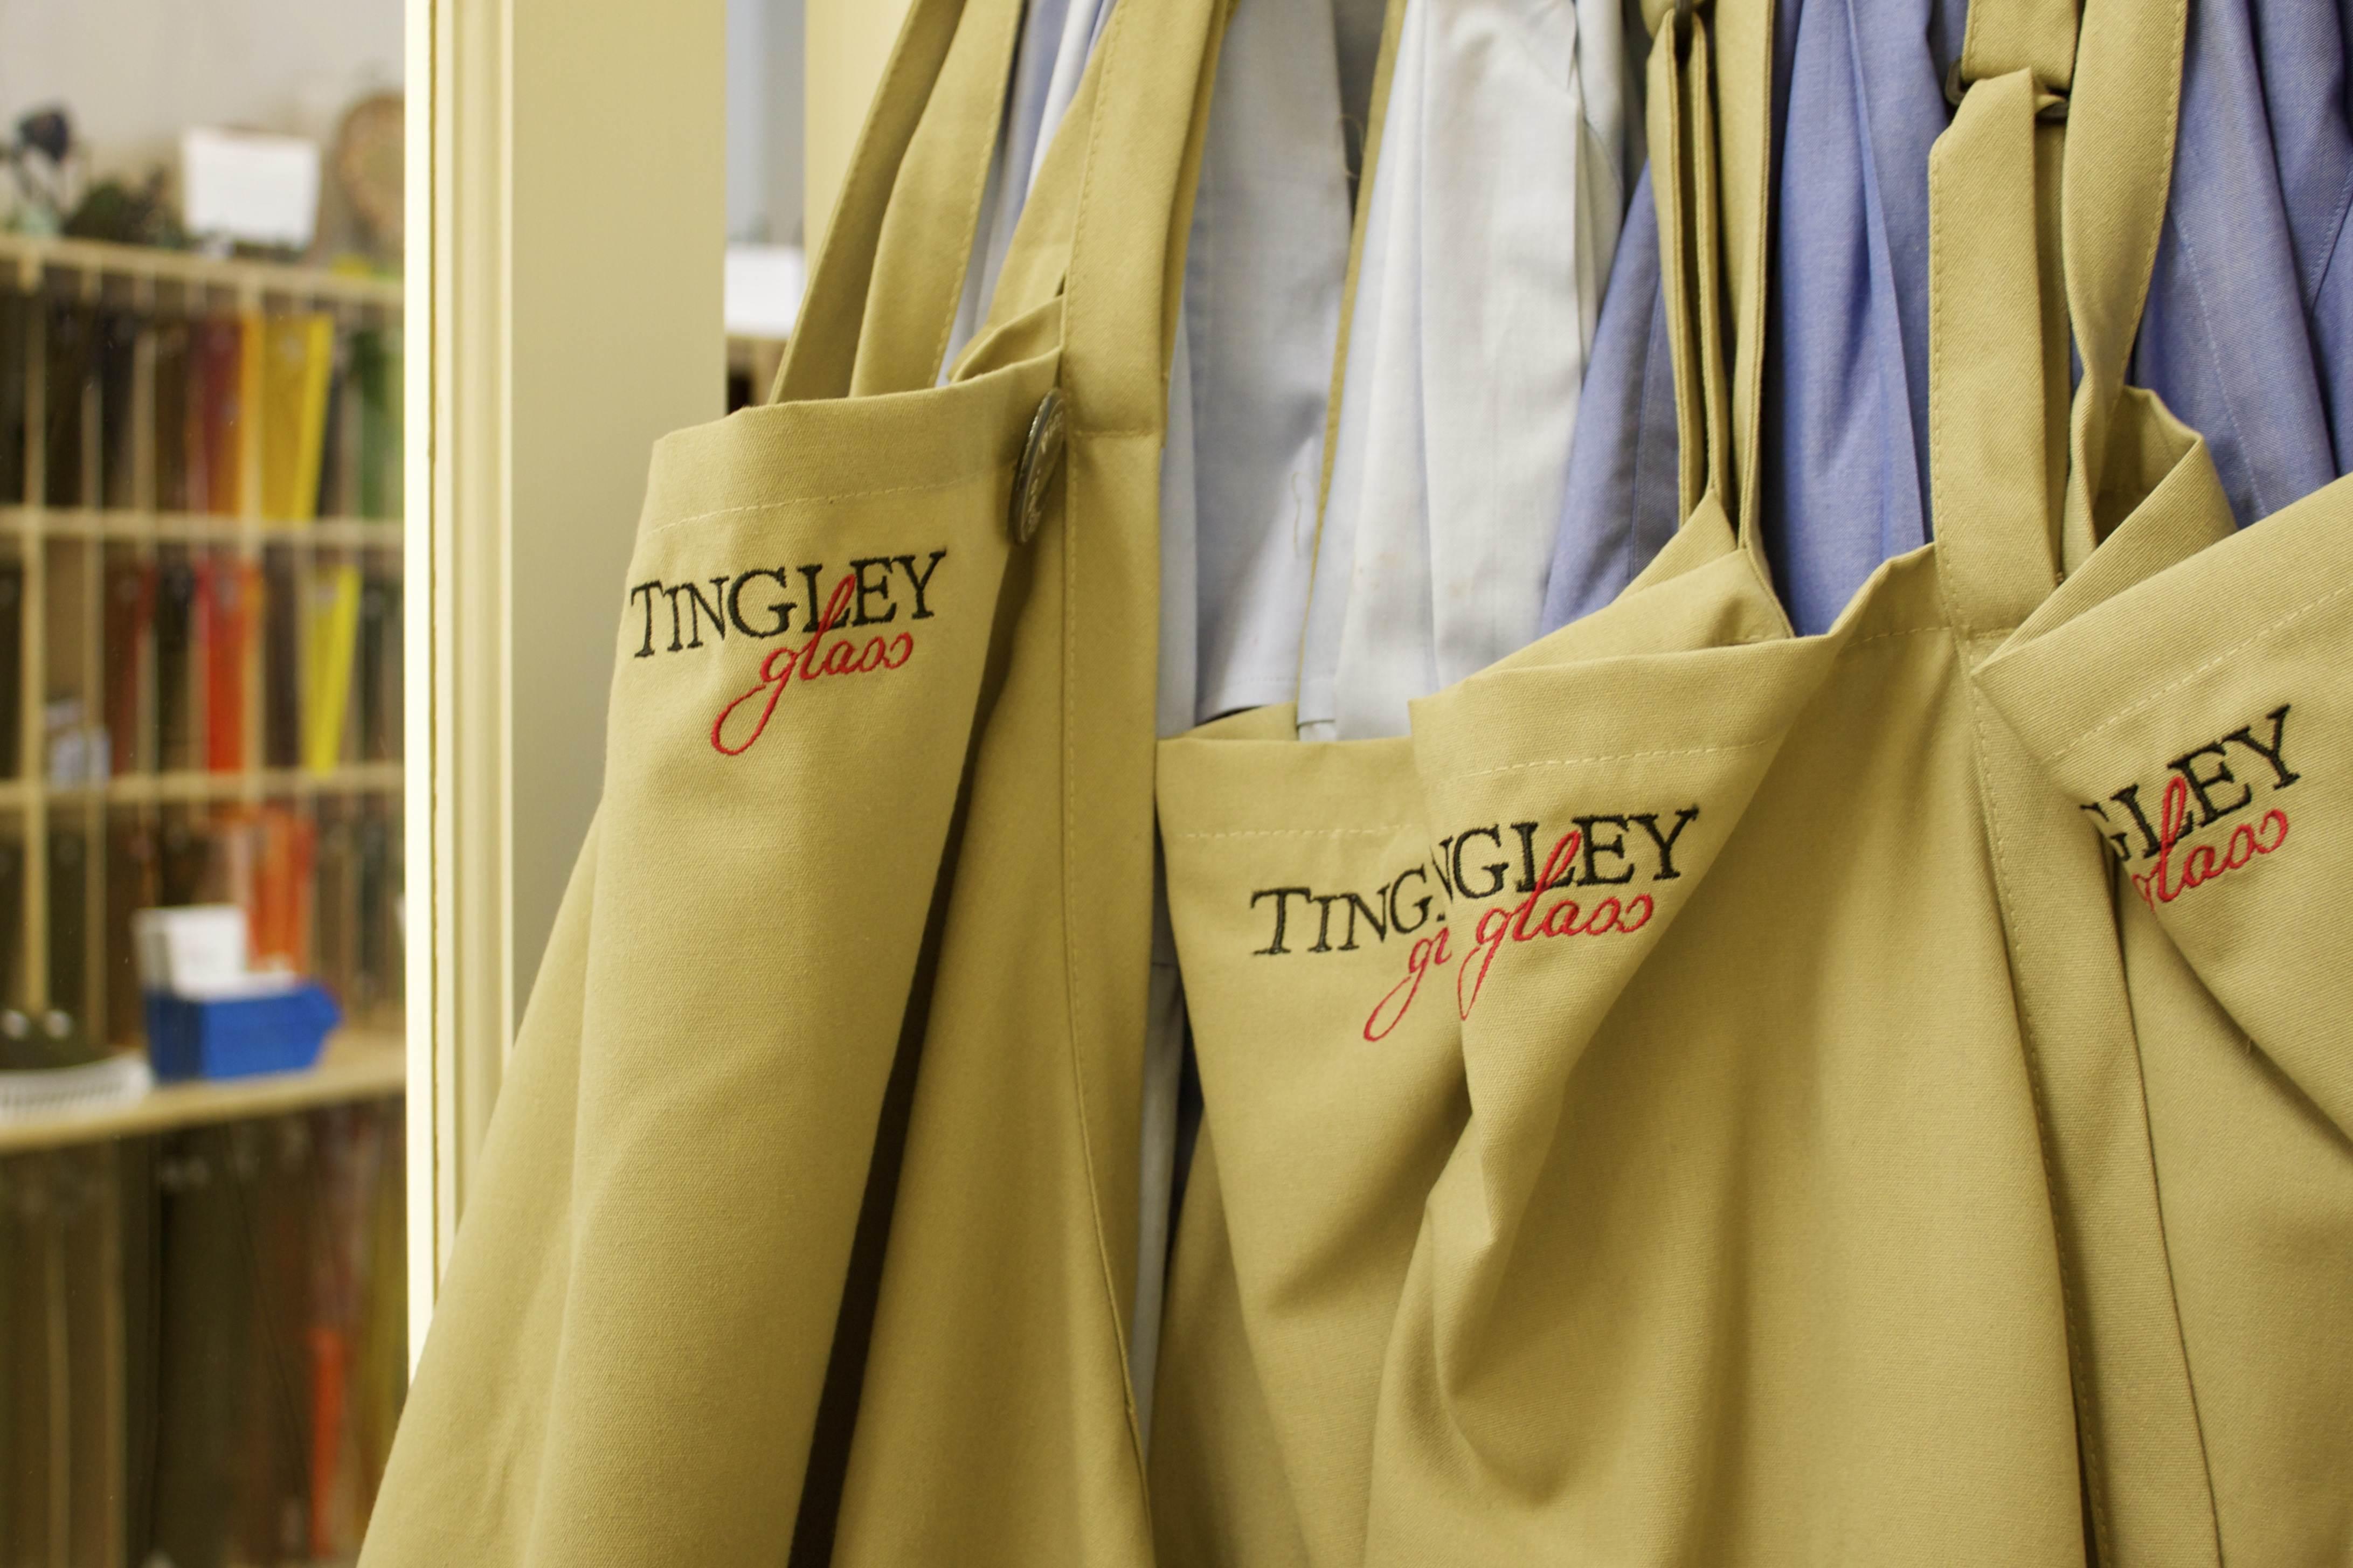 Tingley Glass